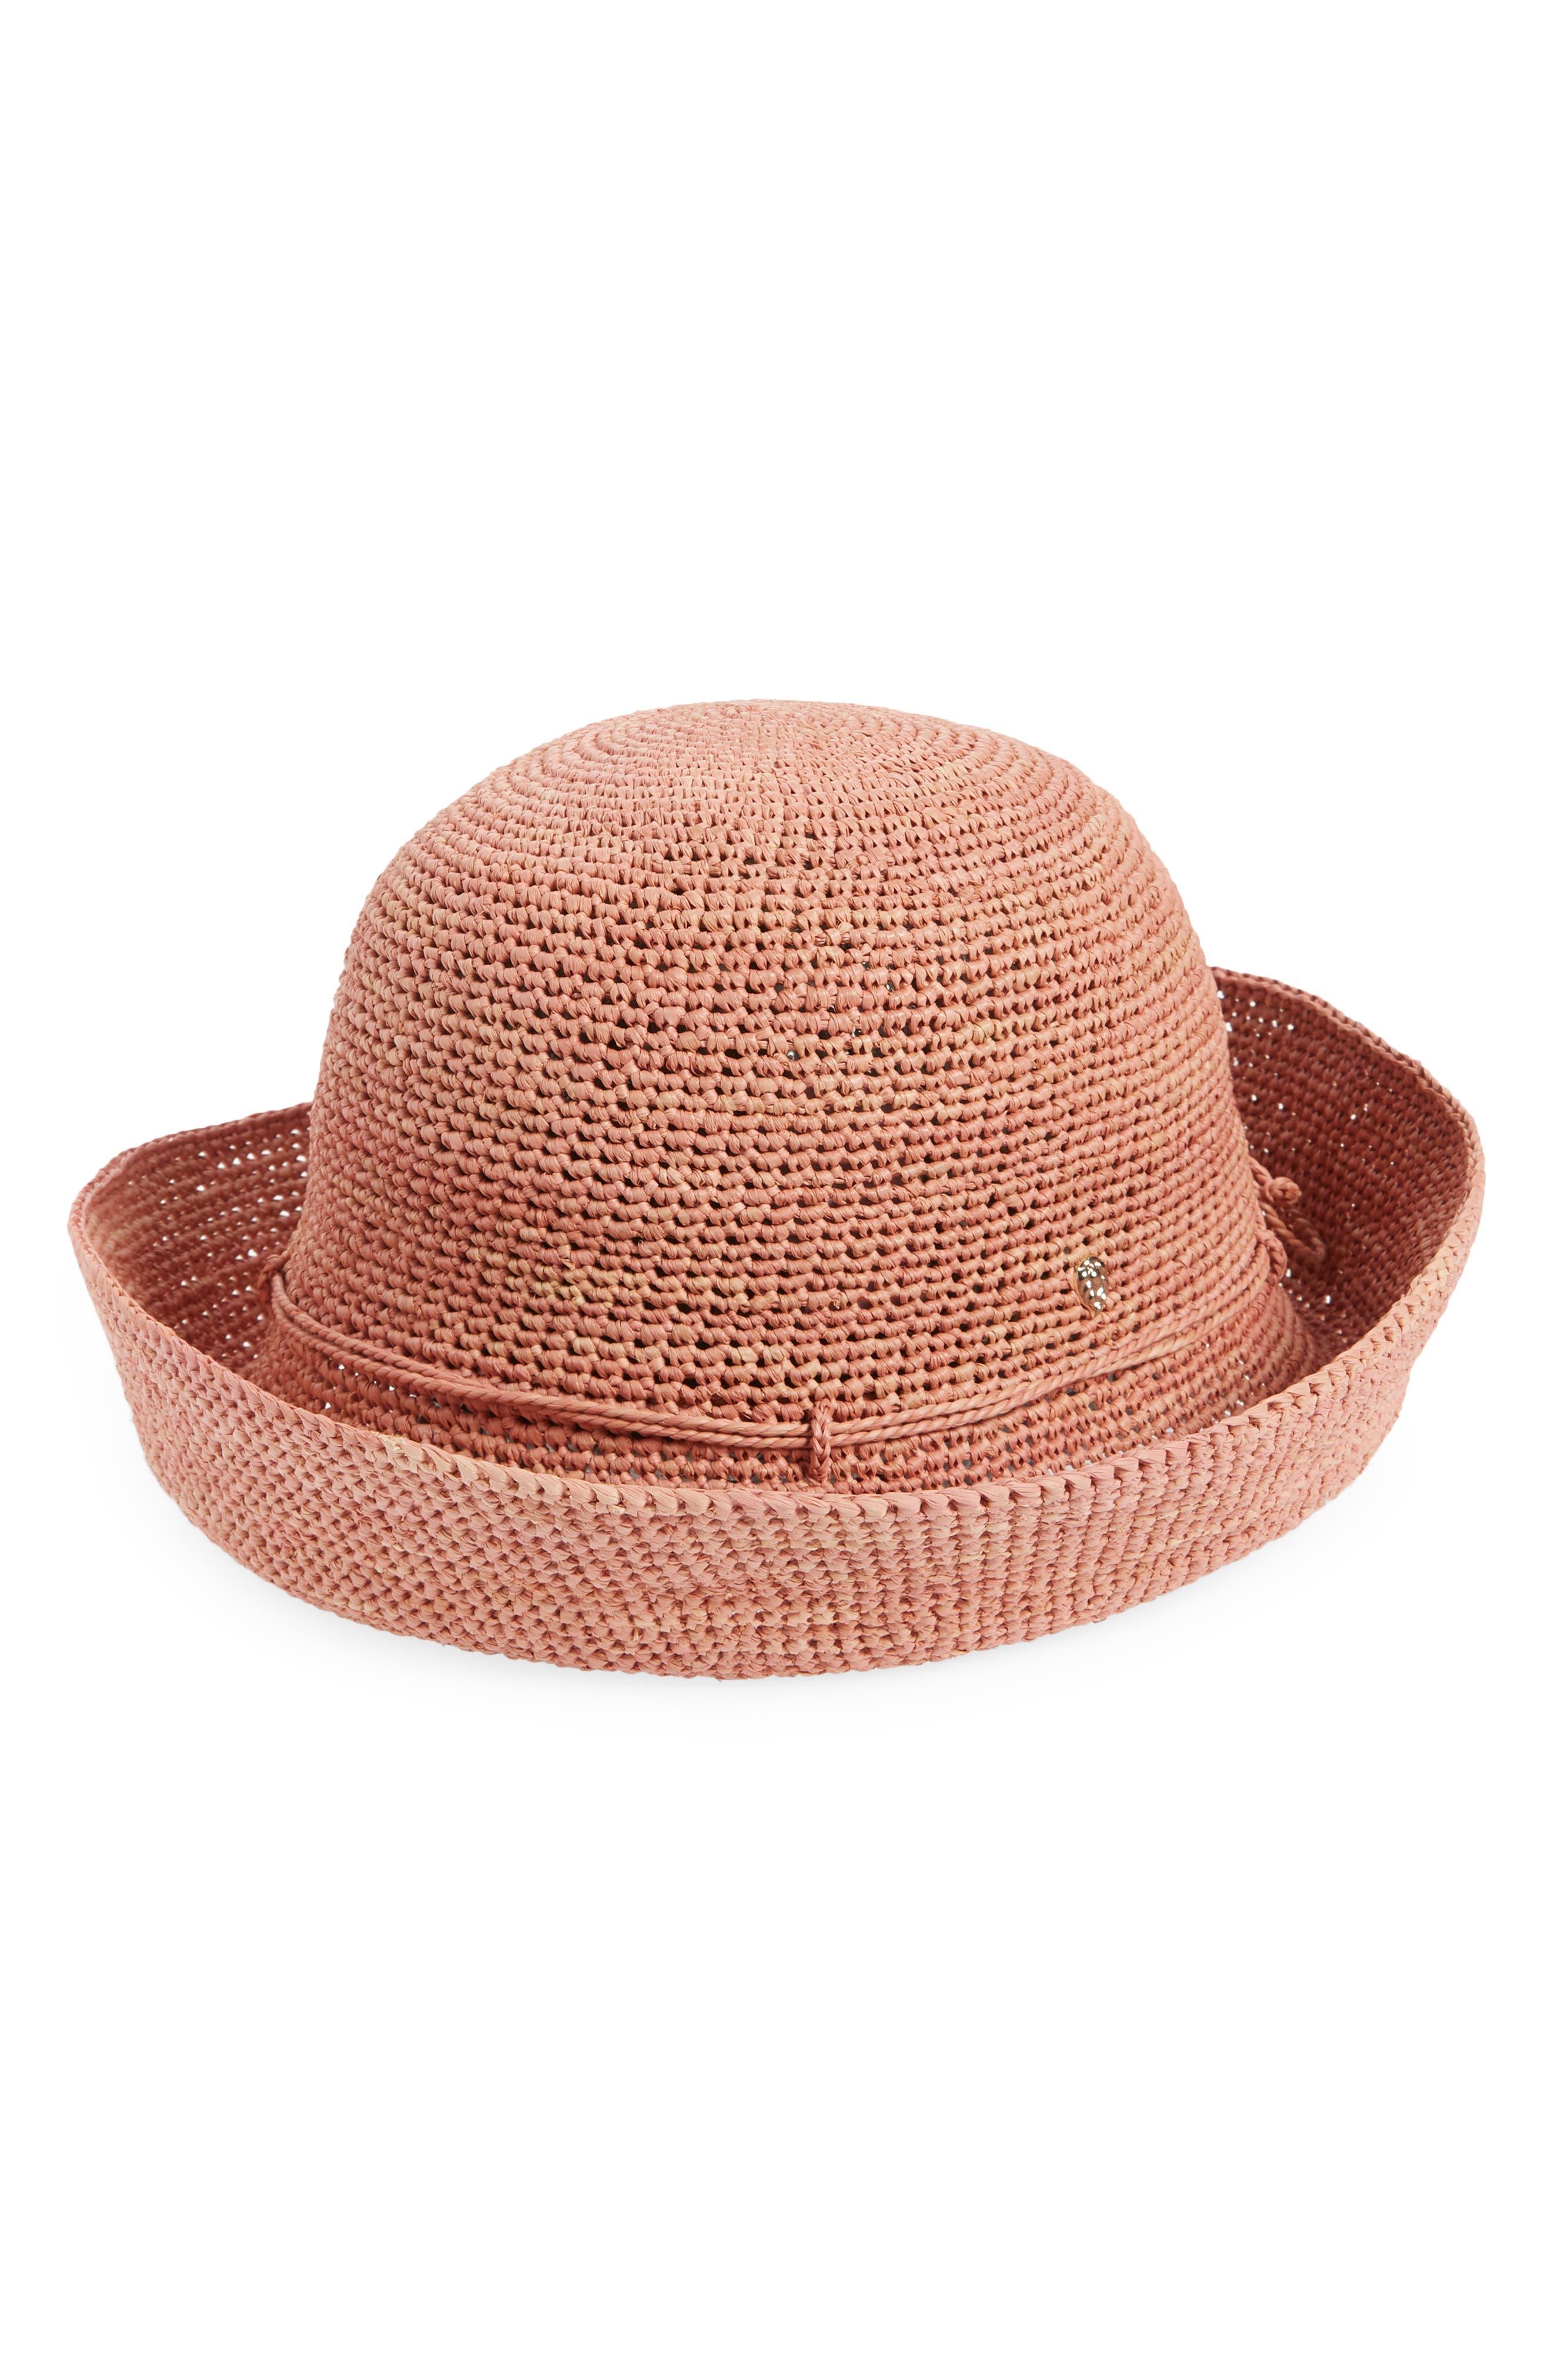 'Provence 10' Packable Raffia Hat